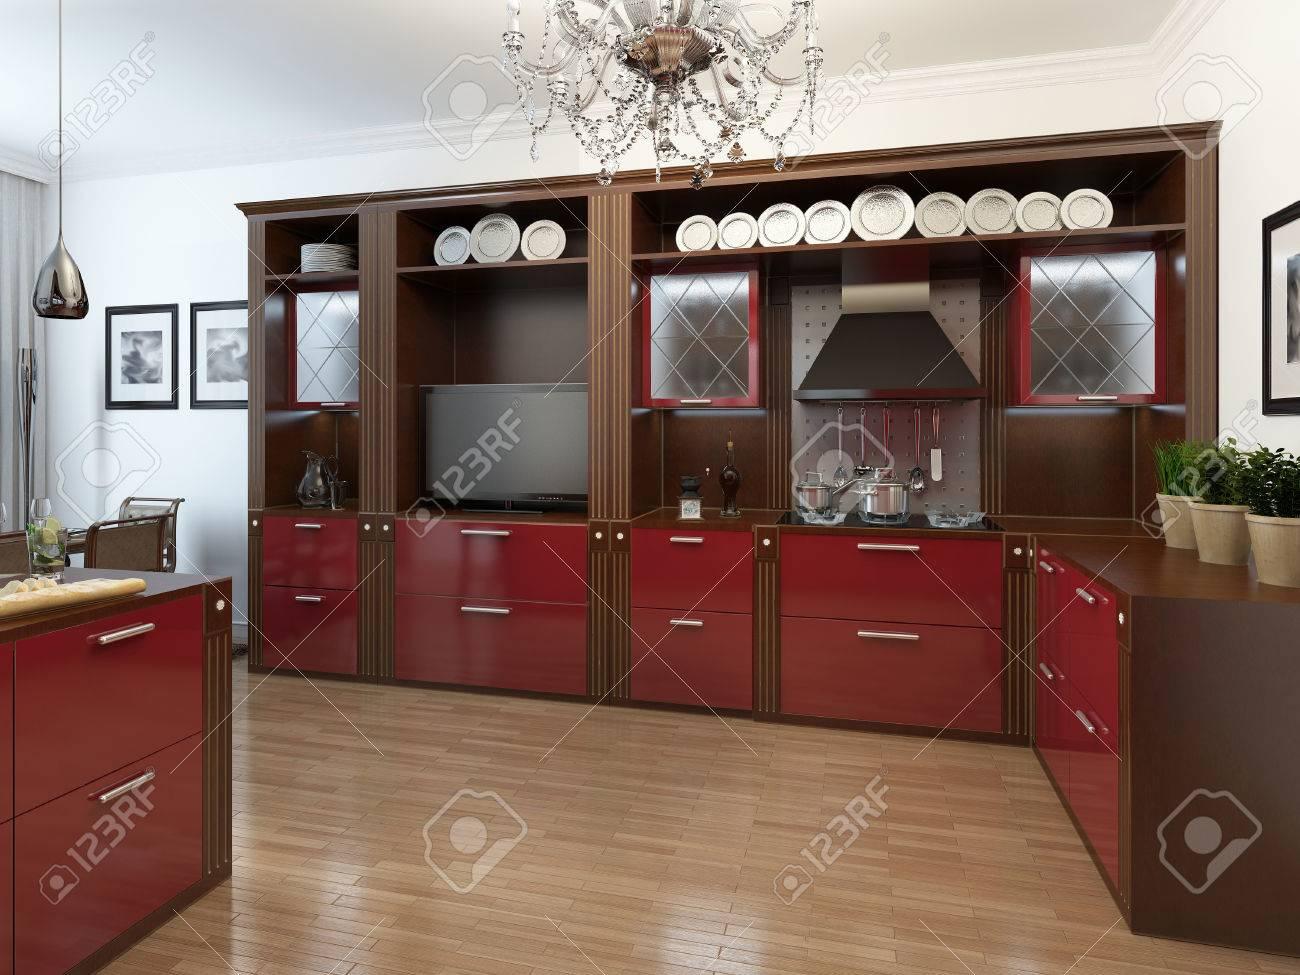 Cocina en el estilo Art Deco, imágenes 17d